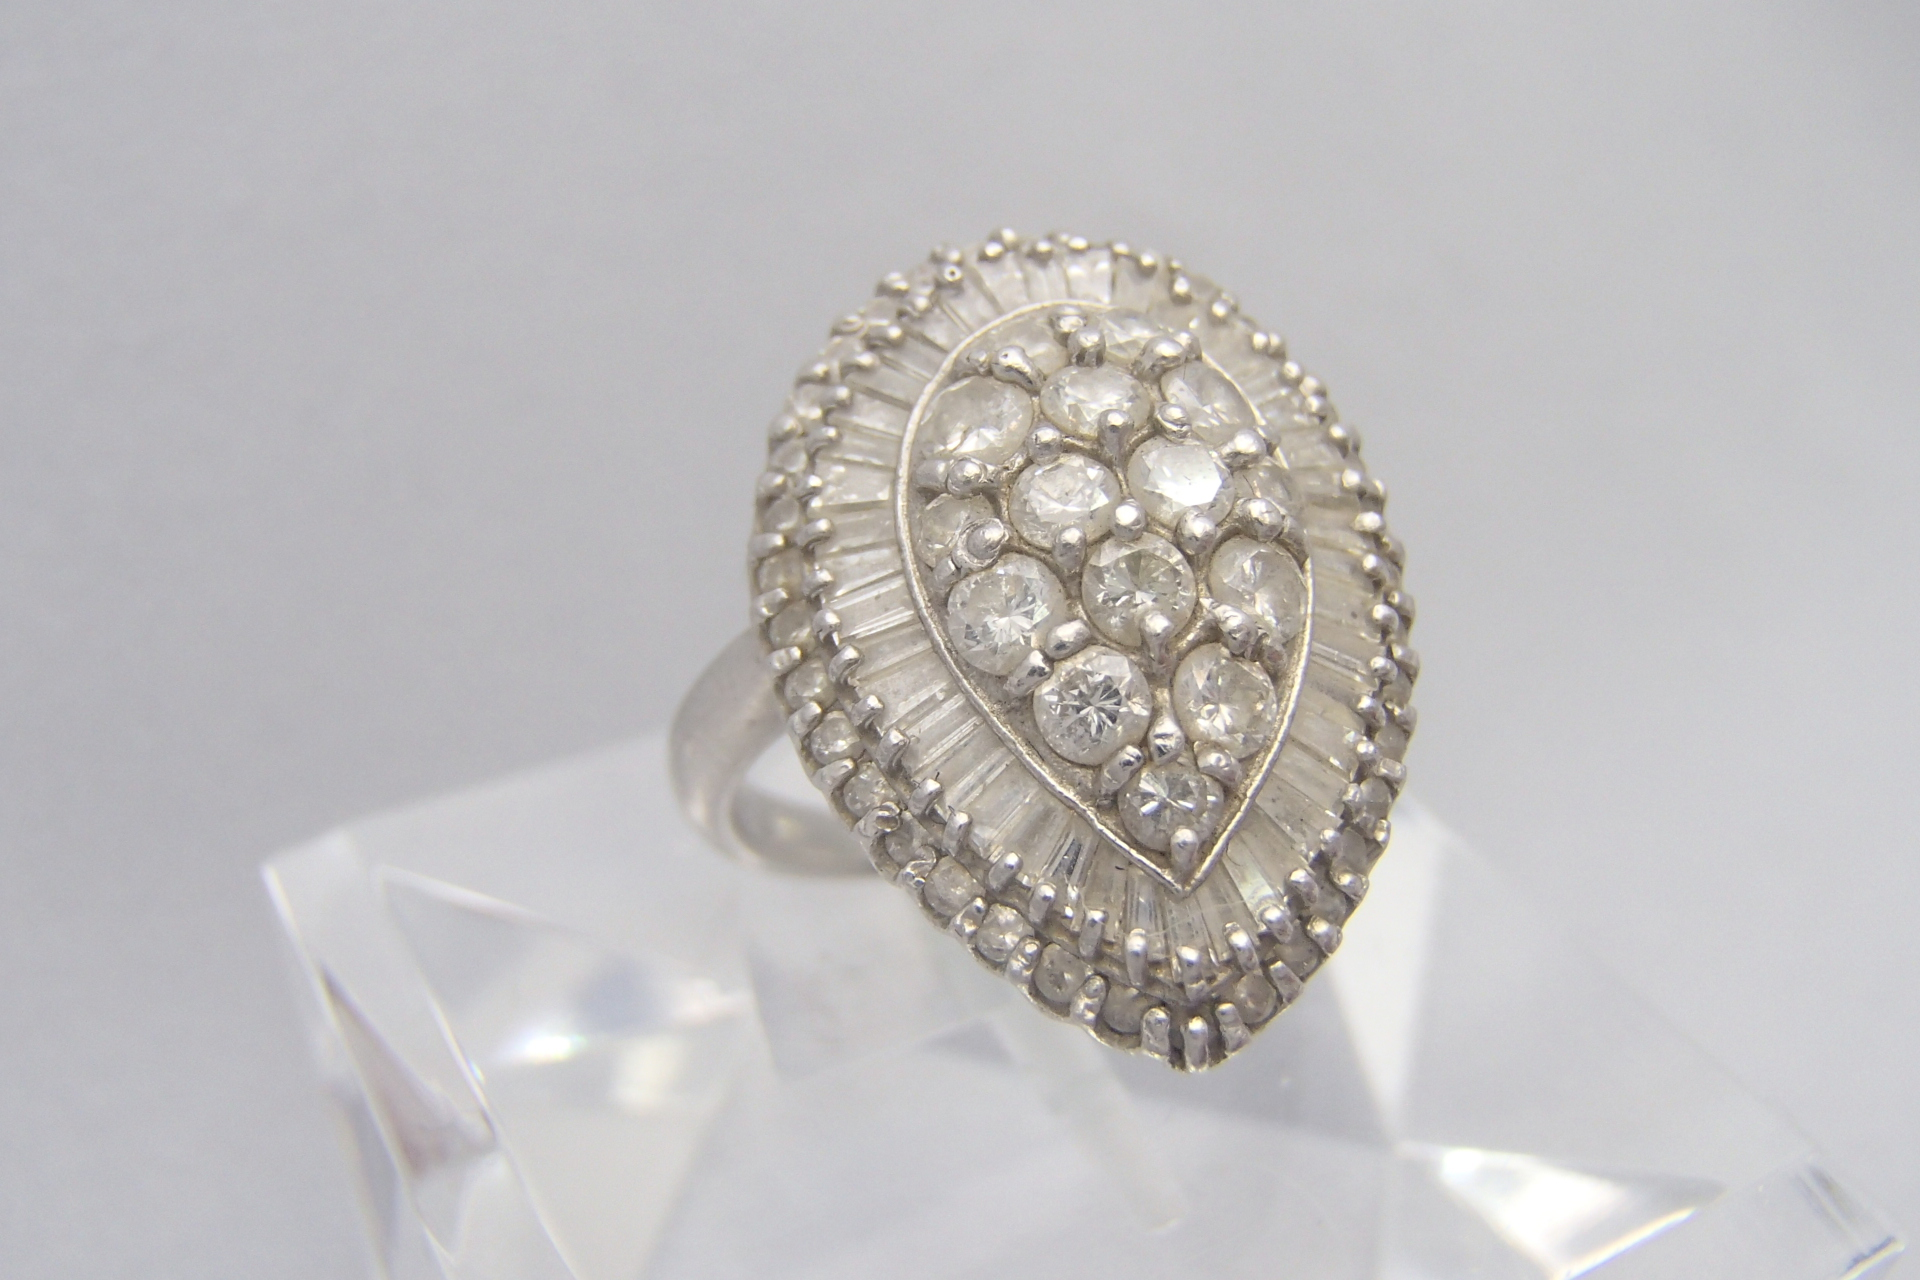 ダイヤモンドの色は、どのくらいの種類があるか知ってた?価格も異なるので確認しておきましょう。